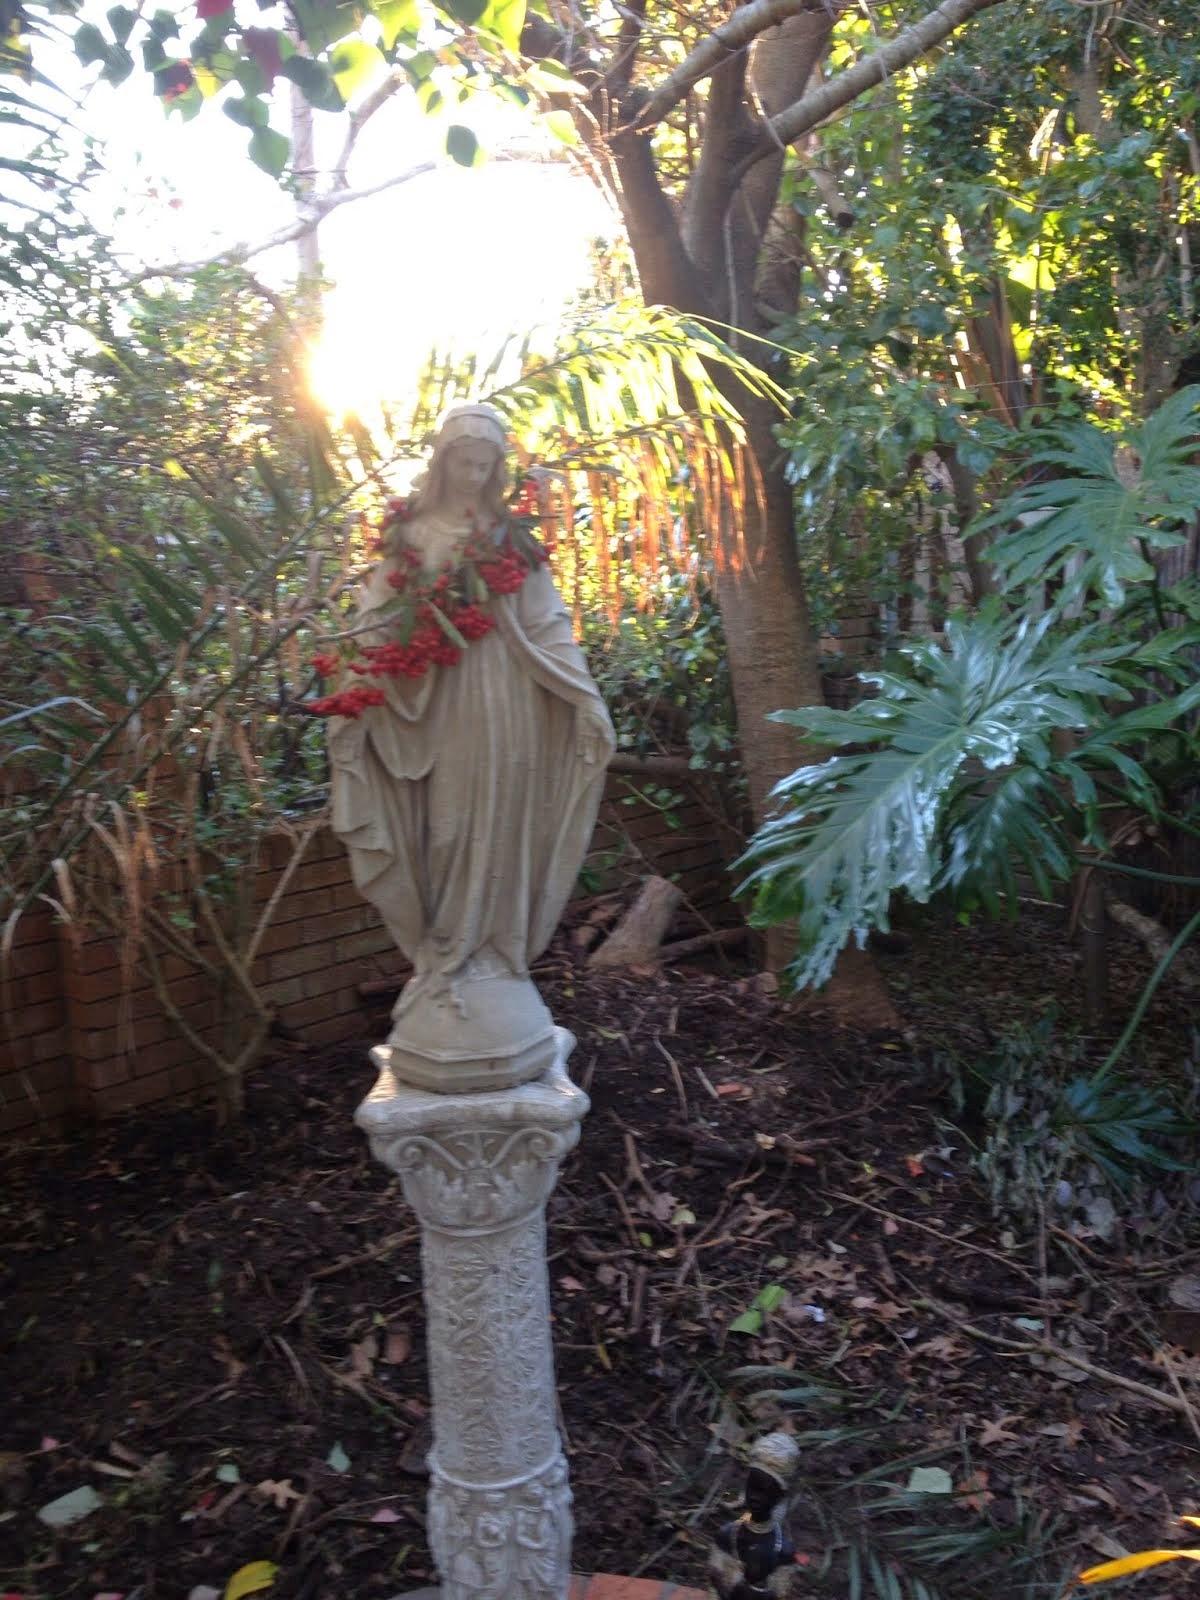 Garden shrines